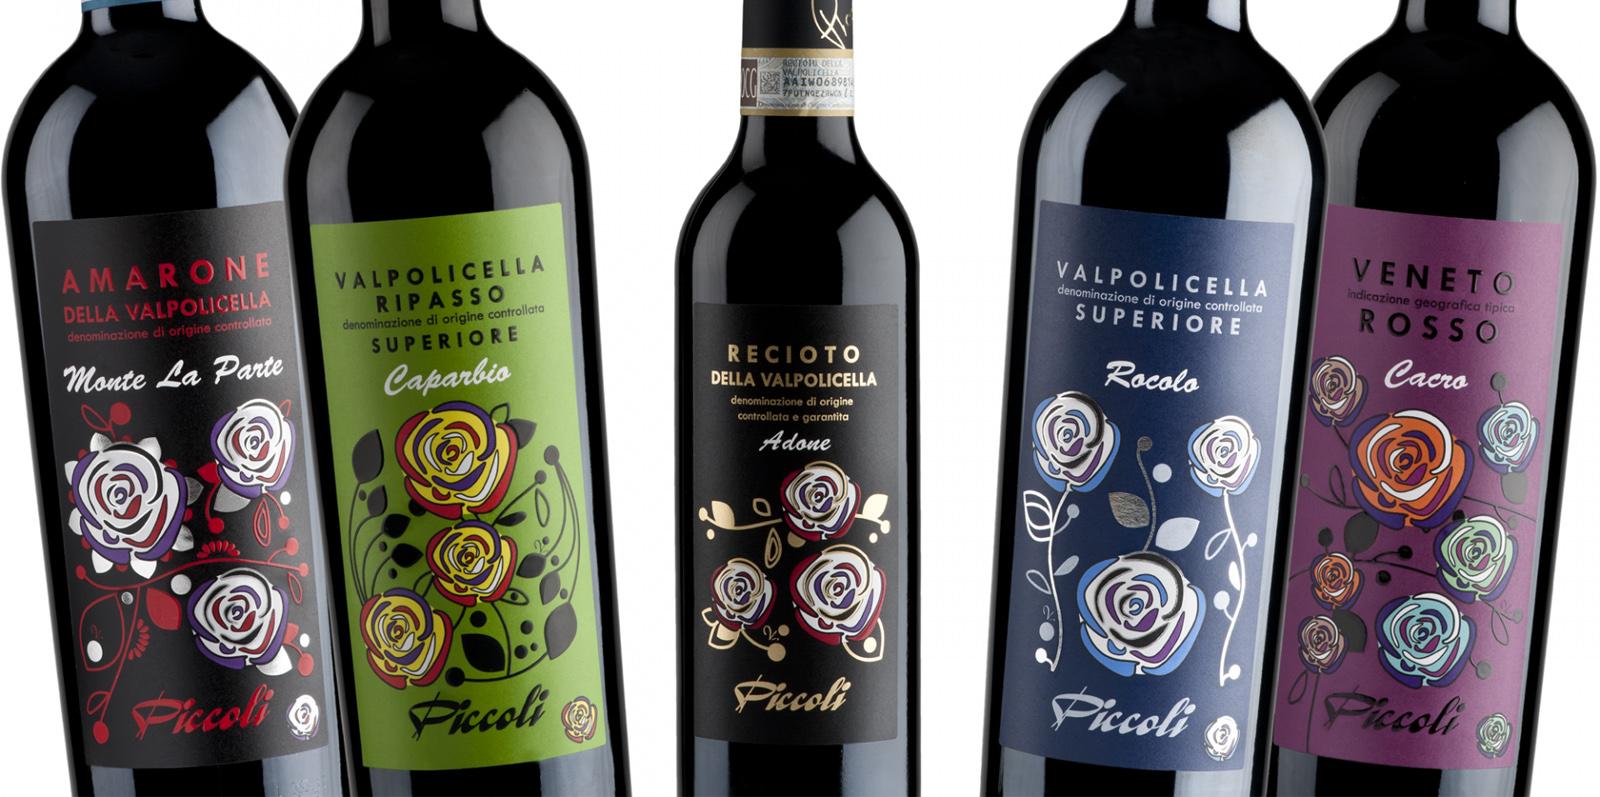 Die Piccoli Rotweine